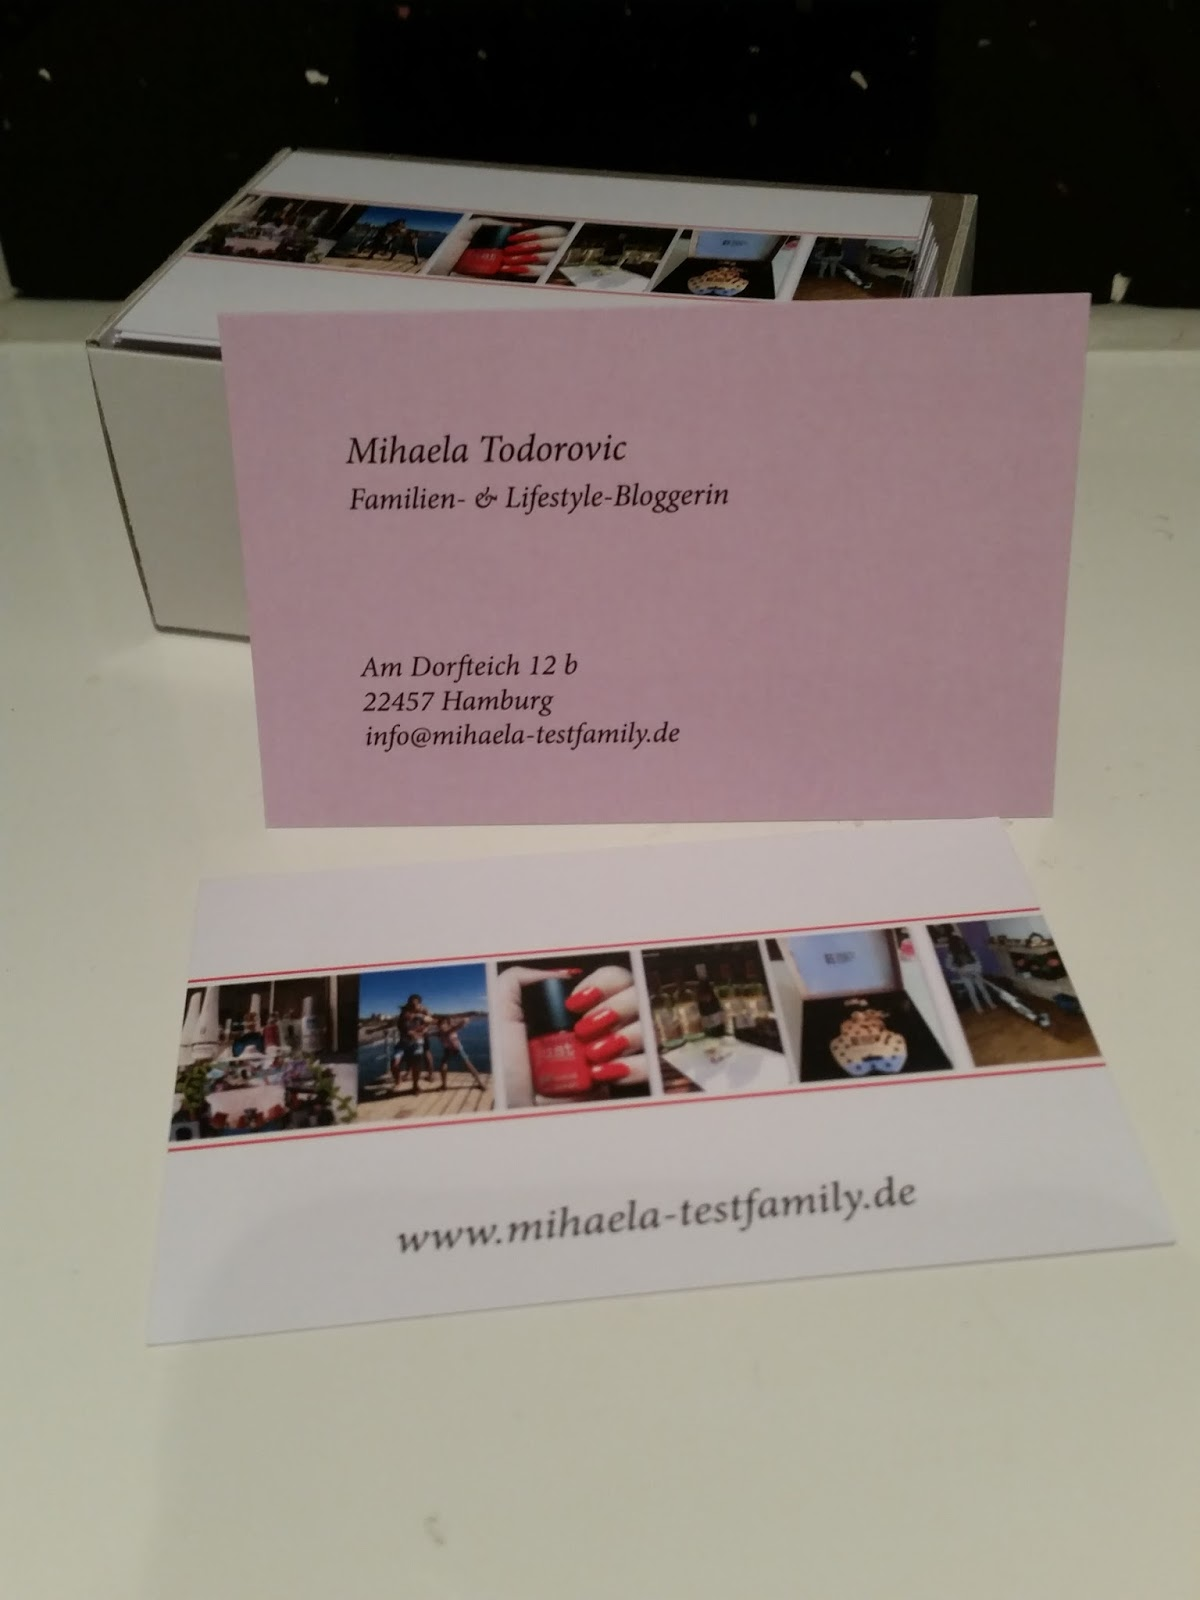 Ich Habe Endlich Tolle Visitenkarten Für Meinen Blog Dank